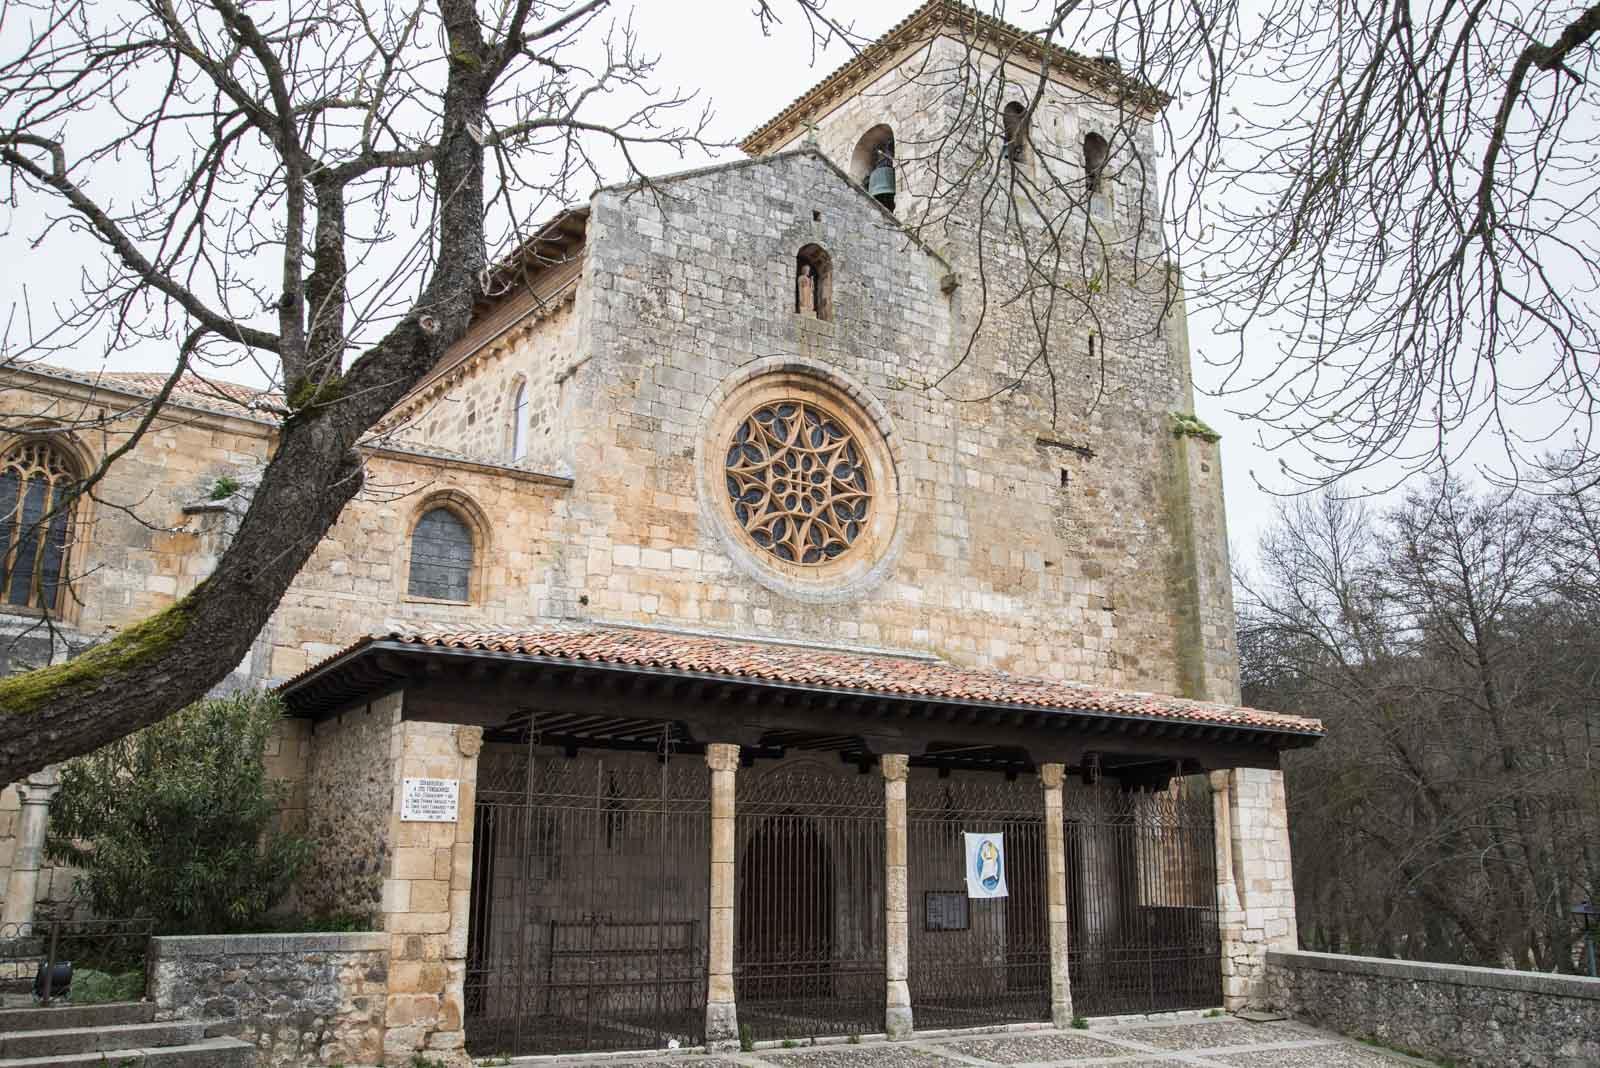 Kirken i Covarrubias, der Prinsesse Kristina fikk sitt siste hvilested